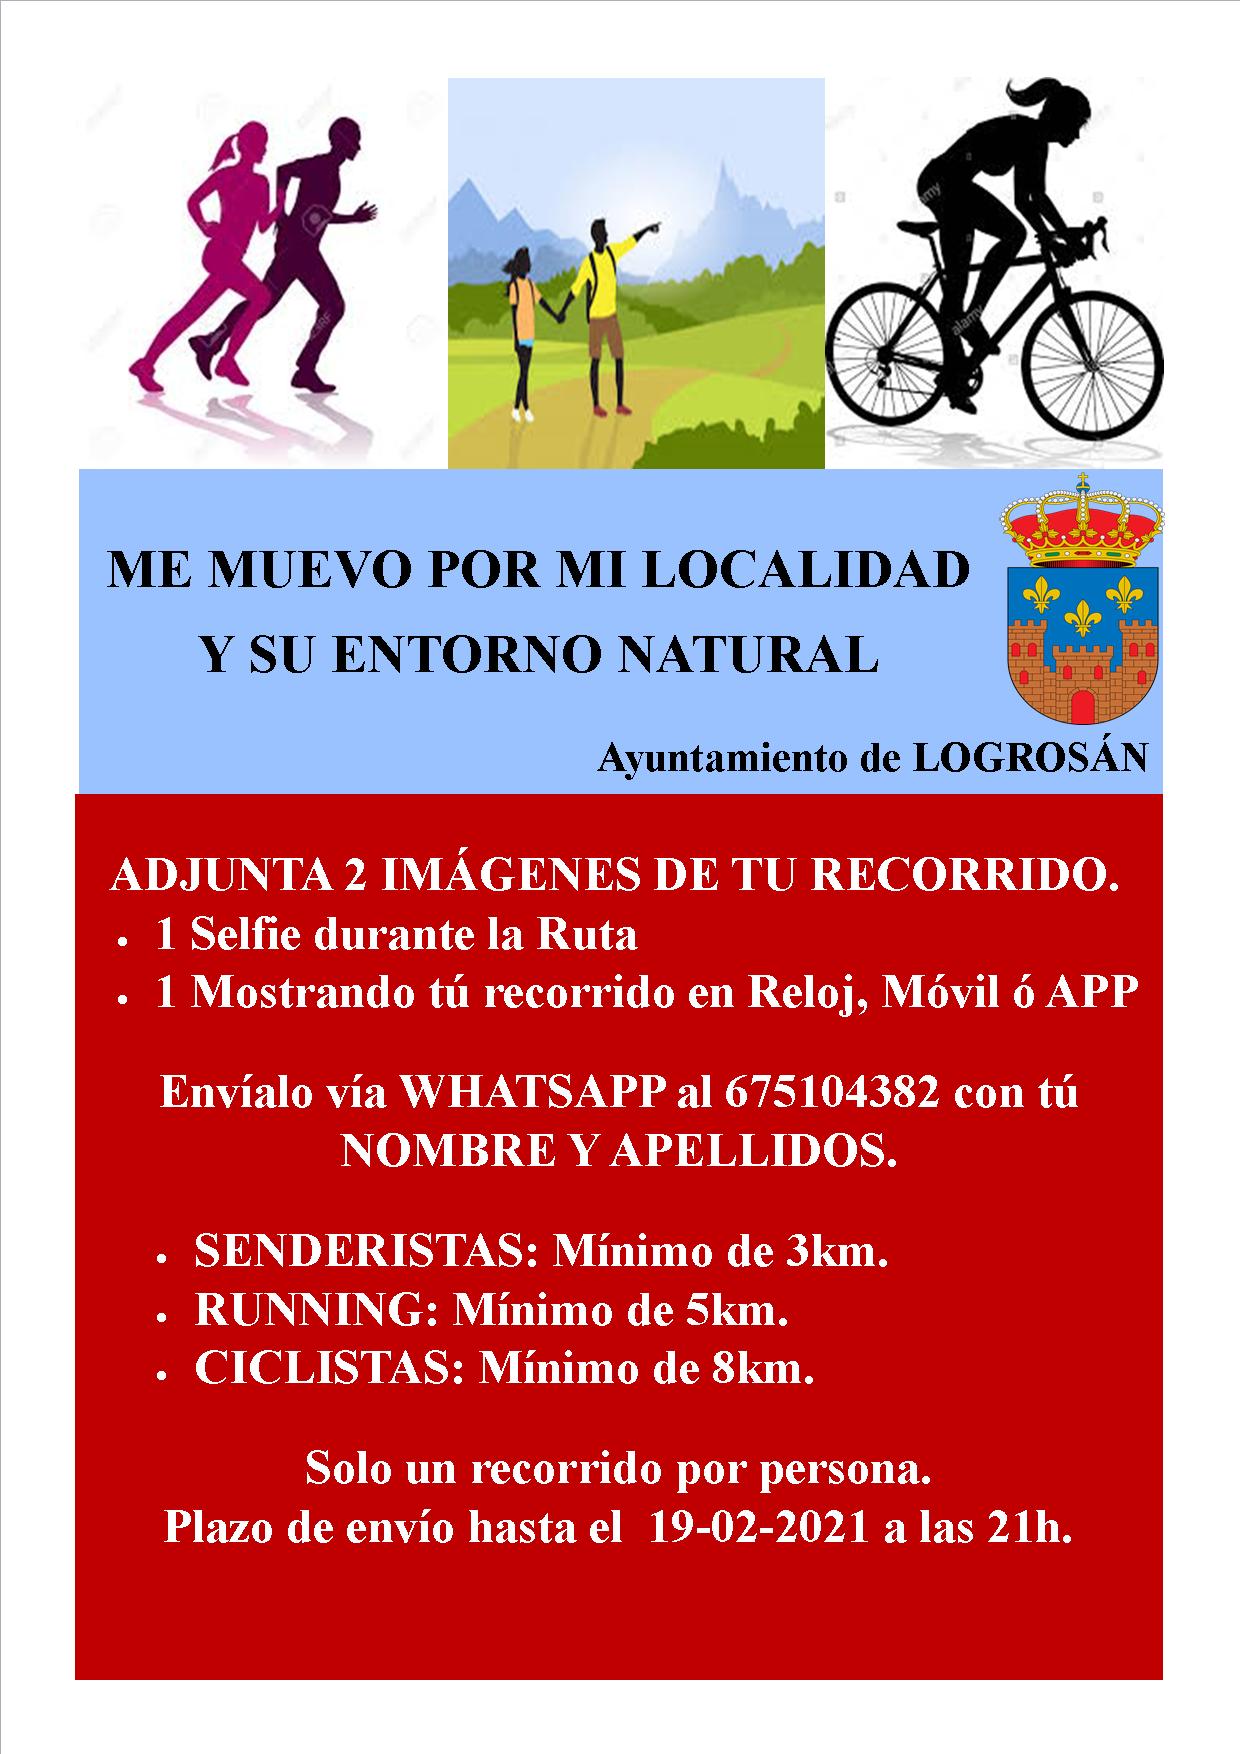 Me muevo por mi localidad y su entorno natural (2021) - Logrosán (Cáceres)